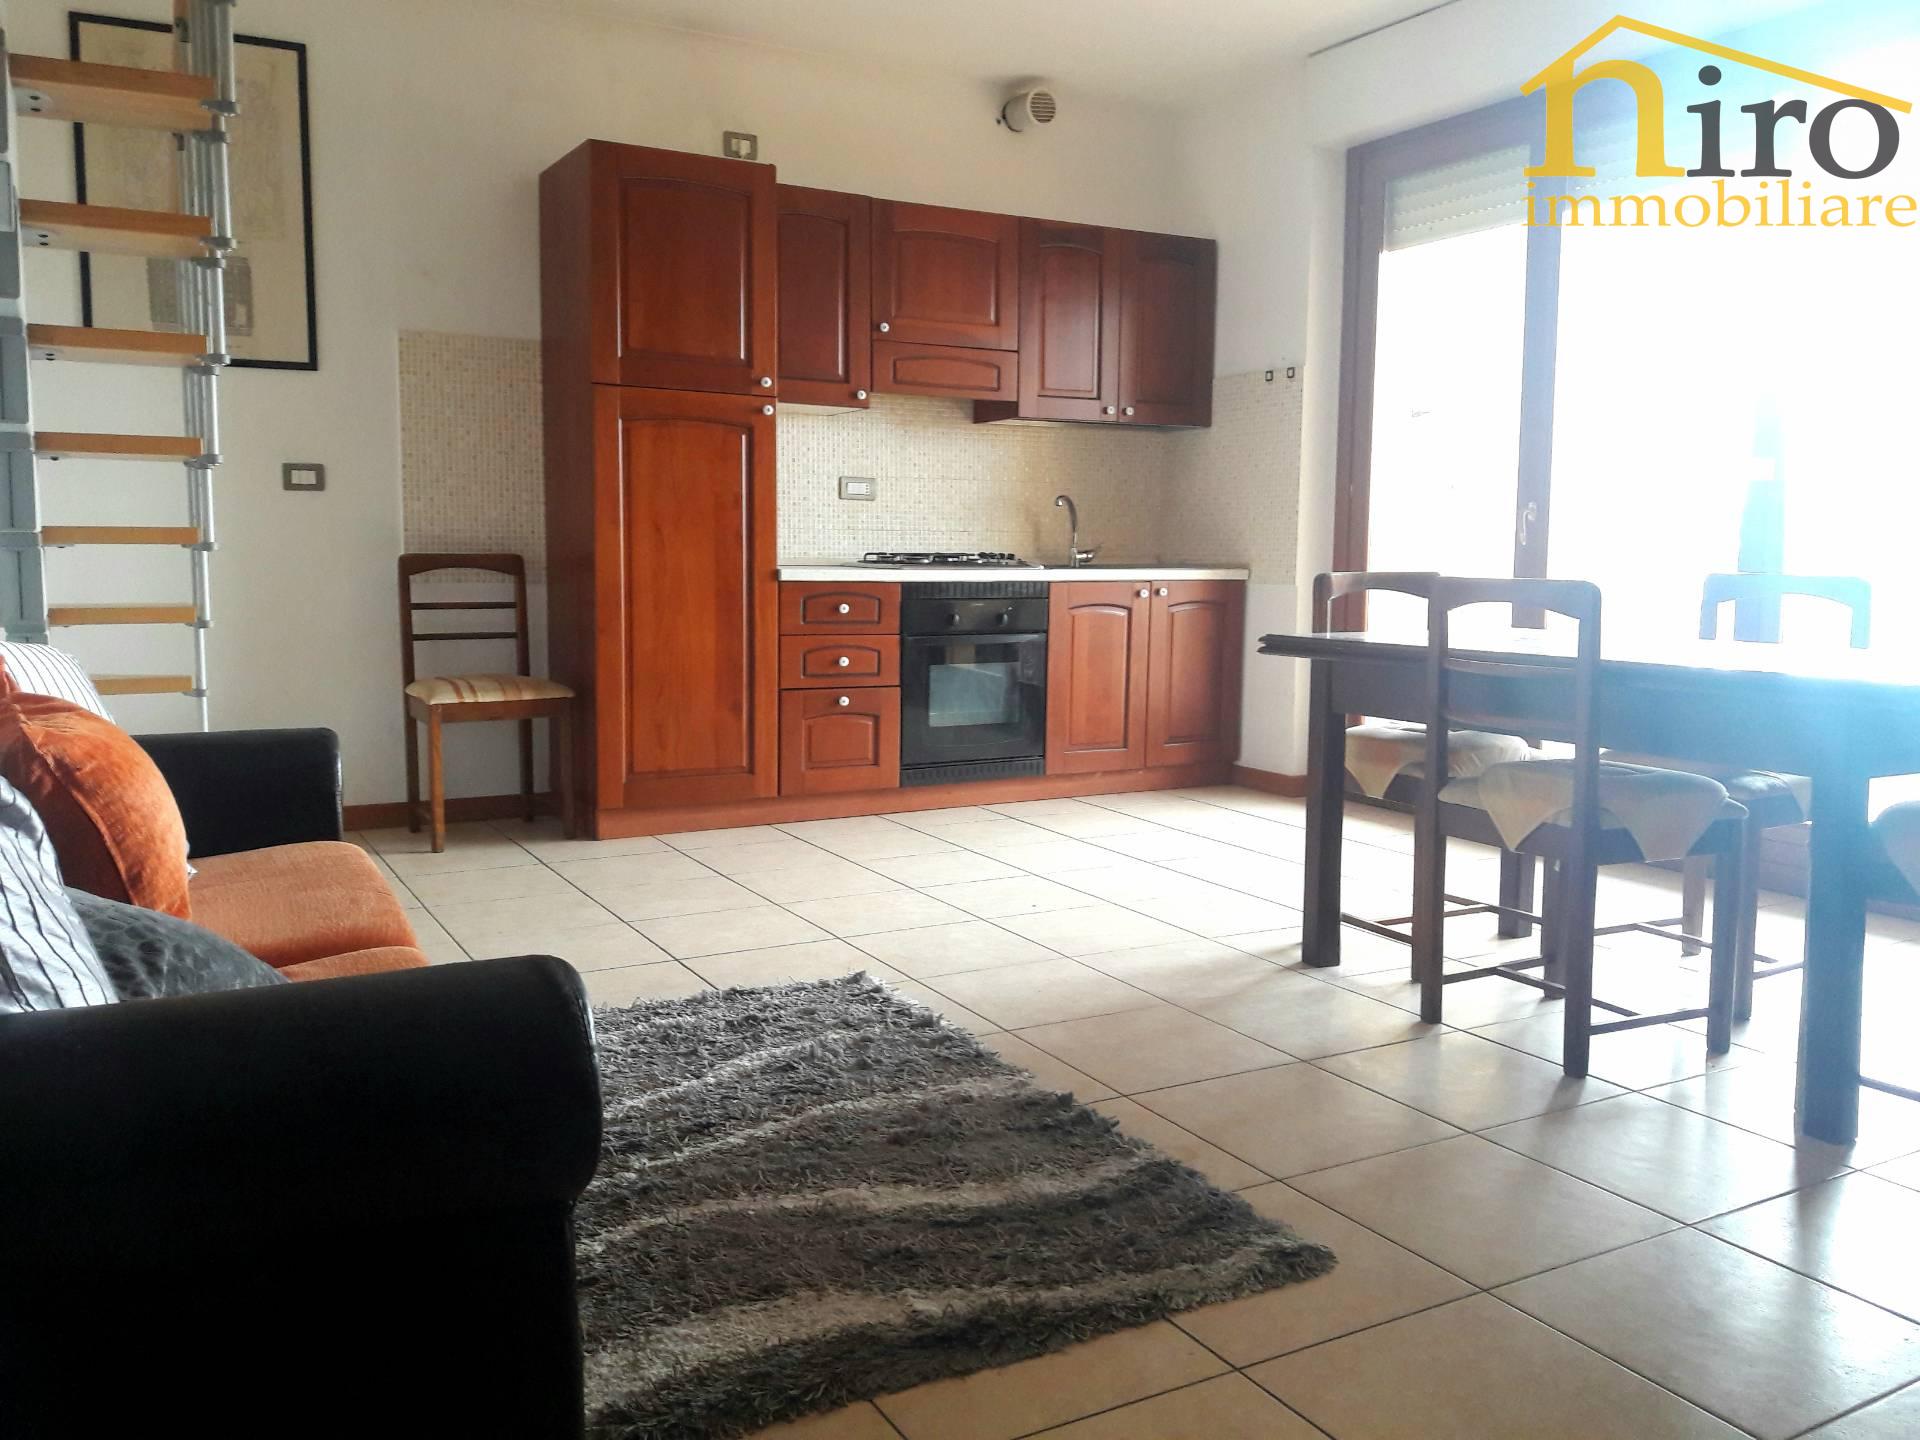 vendita appartamento montesilvano   115000 euro  3 locali  92 mq